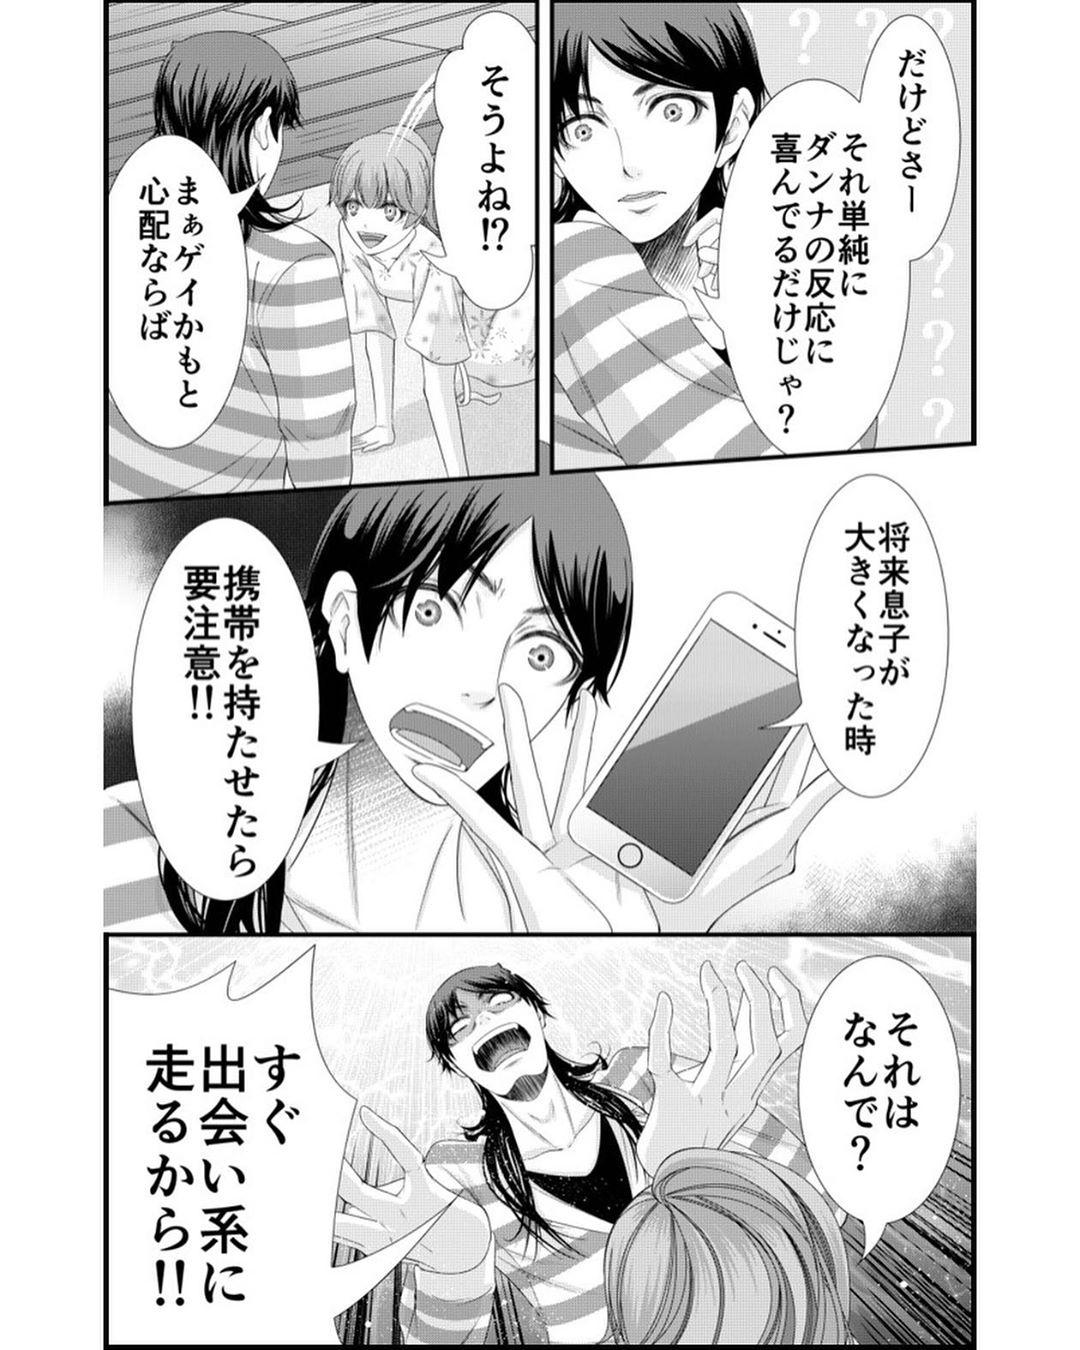 ゲイ 漫画 笑う